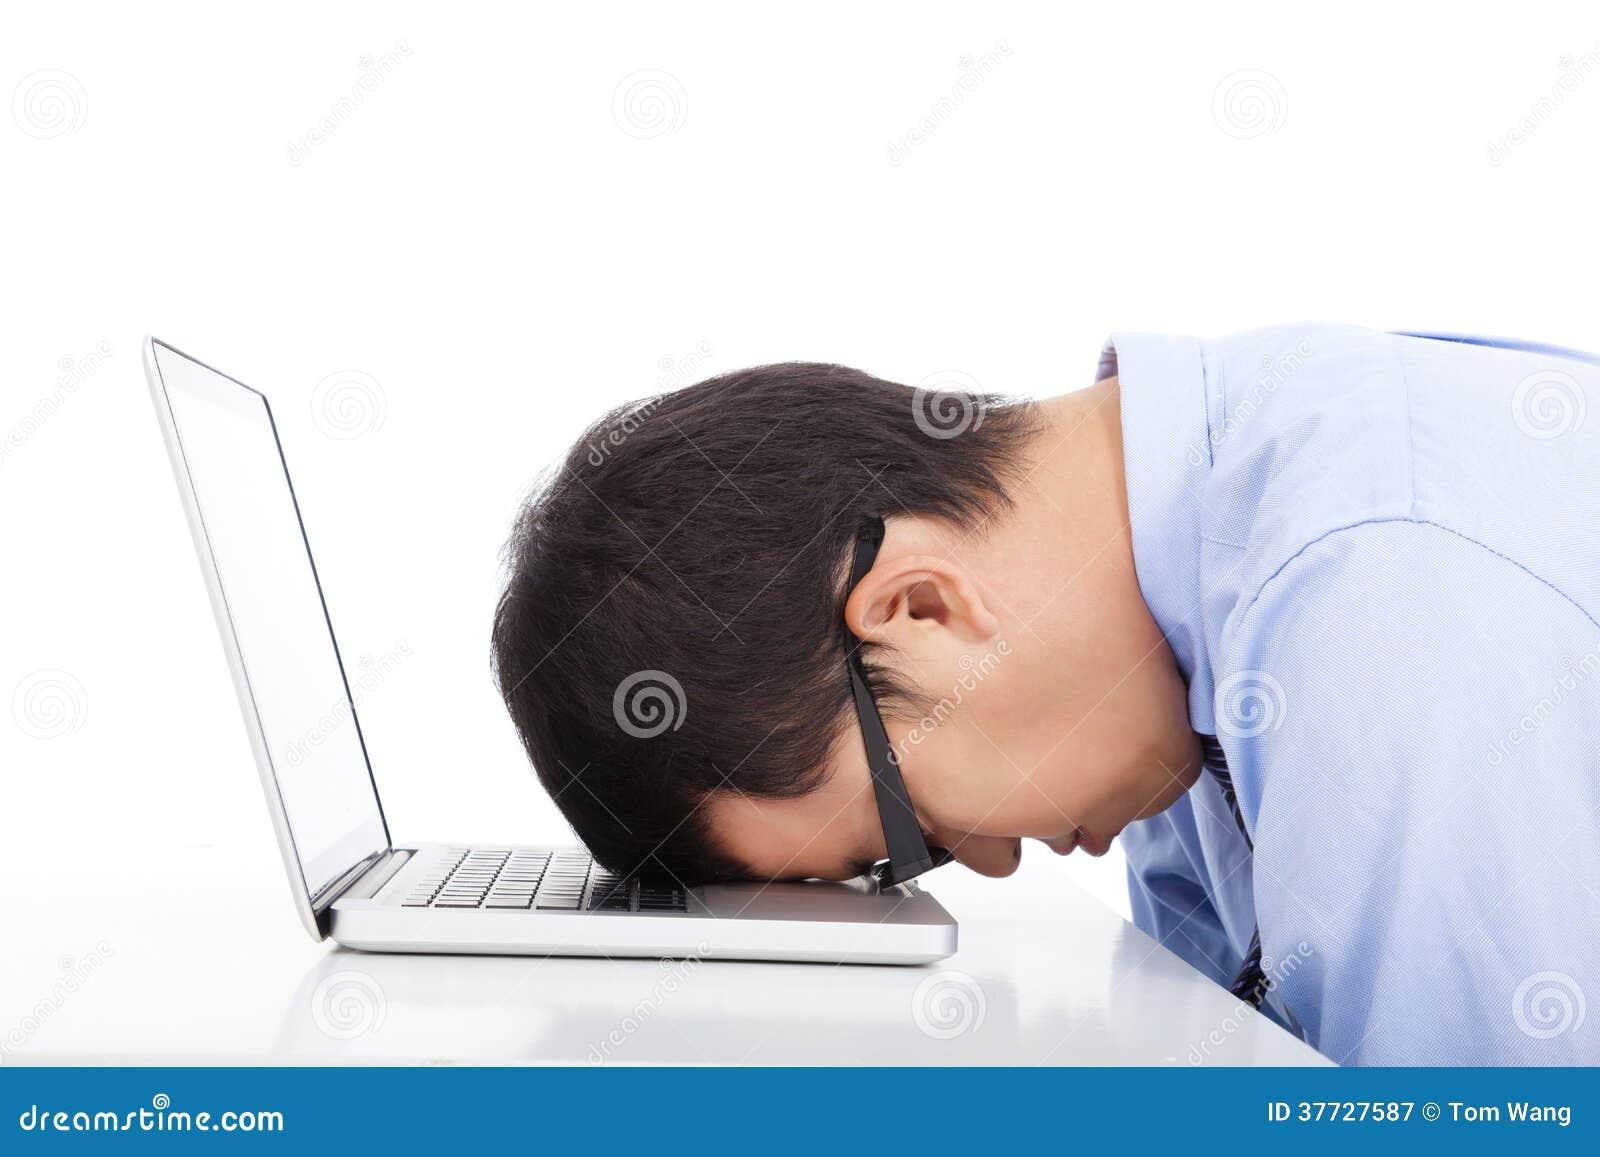 Del hombre de negocios trabajo excesivo joven también a dormido